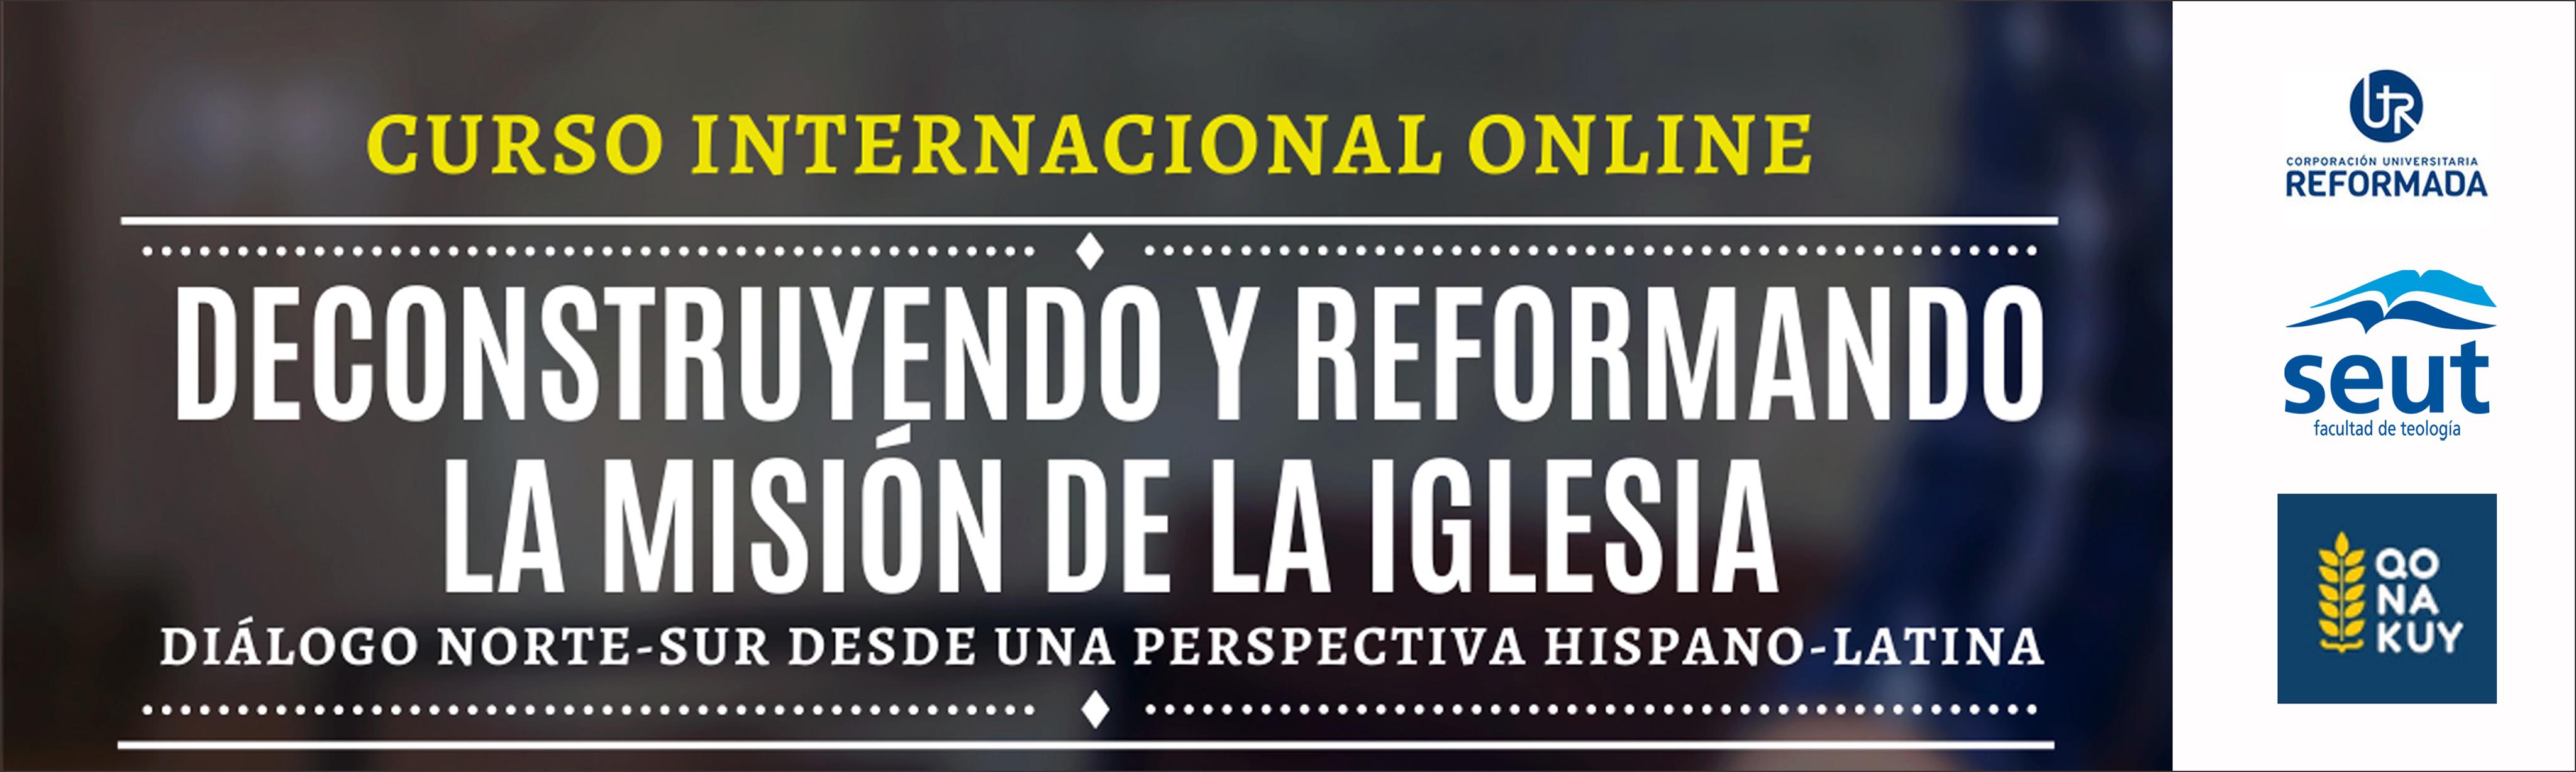 Curso Internacional en Aula Virtual